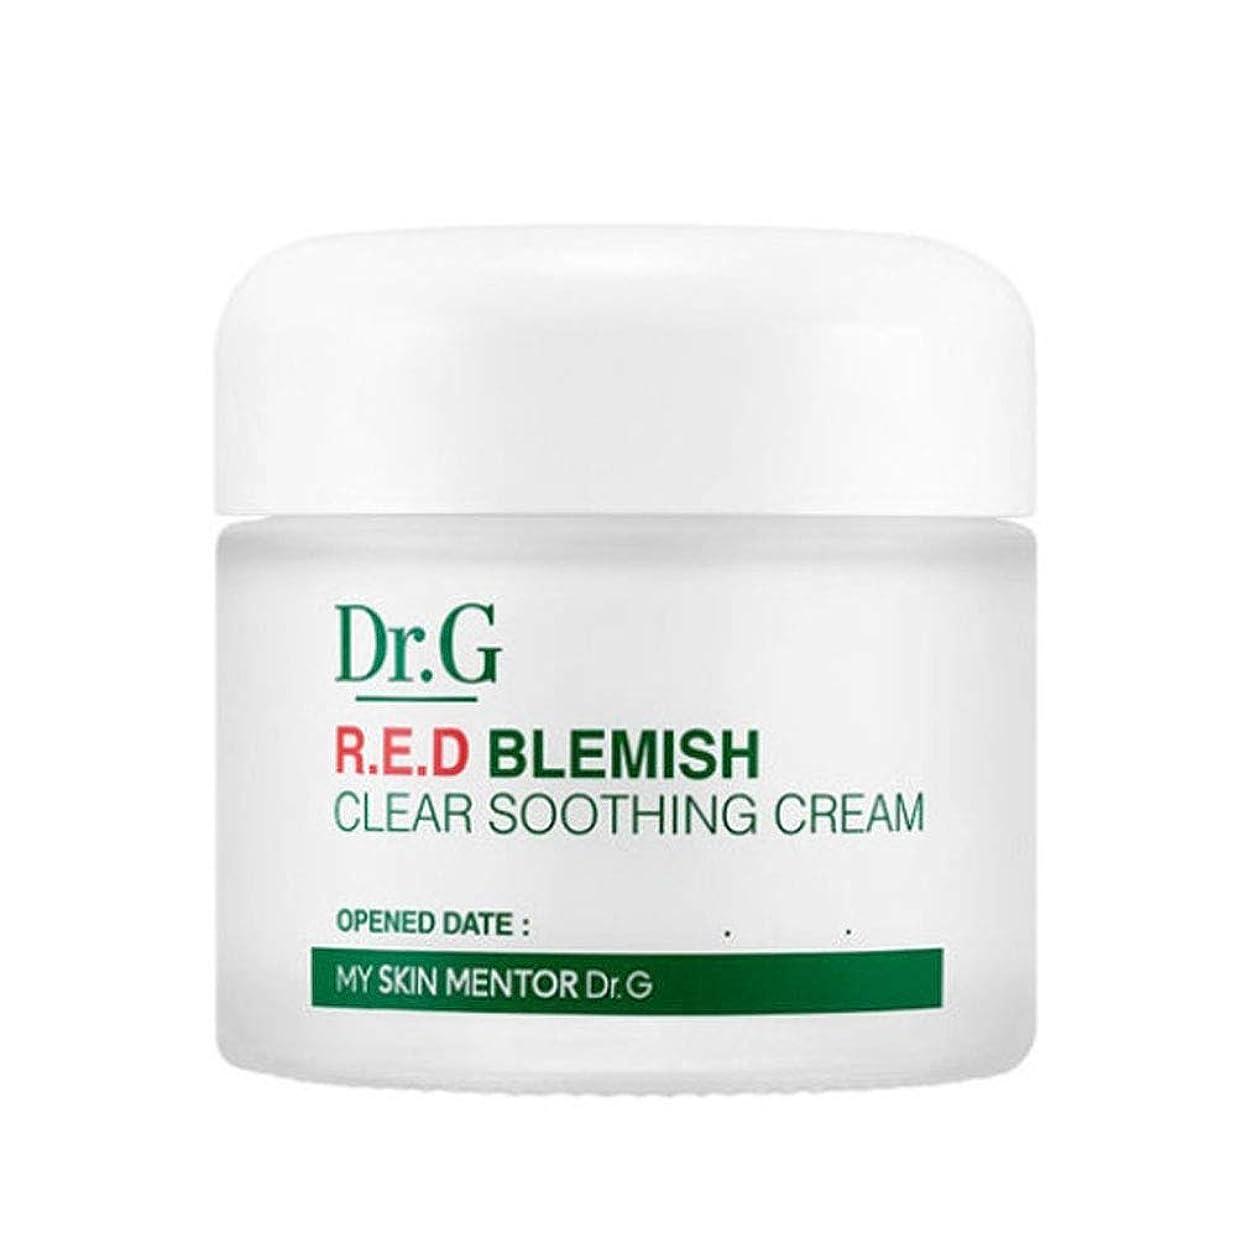 潮家事をするエジプト人ドクターGレッドブレミッシュクリアスージングクリーム70ml水分クリーム、Dr.G Red Blemish Clear Soothing Cream 70ml Moisturizing Cream [並行輸入品]